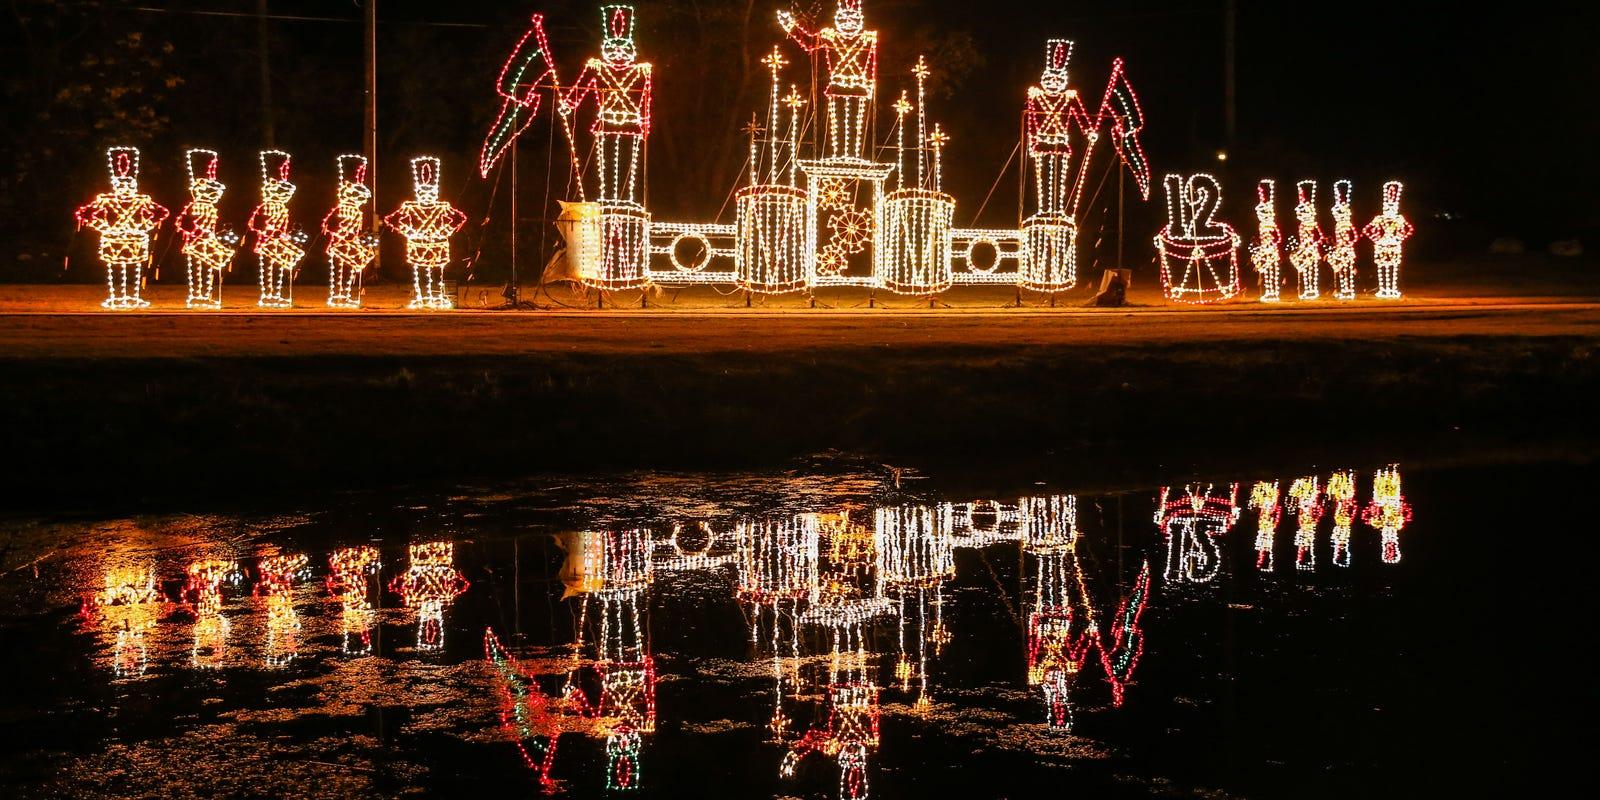 San Angelo tree lighting kicks off Concho Christmas Celebration